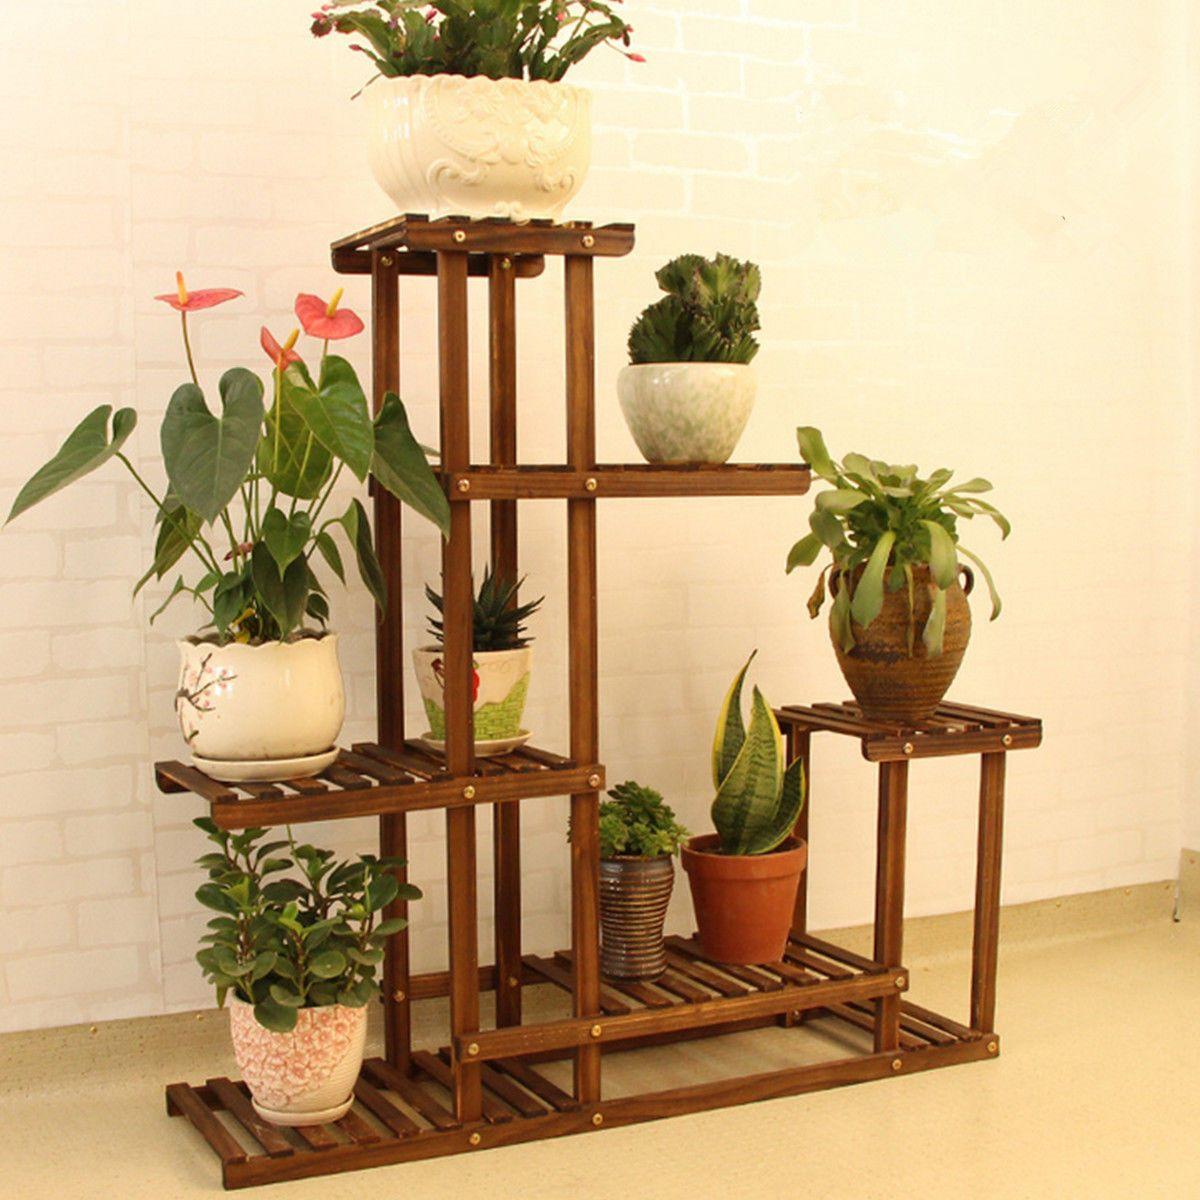 Wooden Plant Stand Indoor Outdoor Patio Garden Planter Flower Pot Stand Shelf Ebay Flower Stands Wood Plant Stand Plant Stand